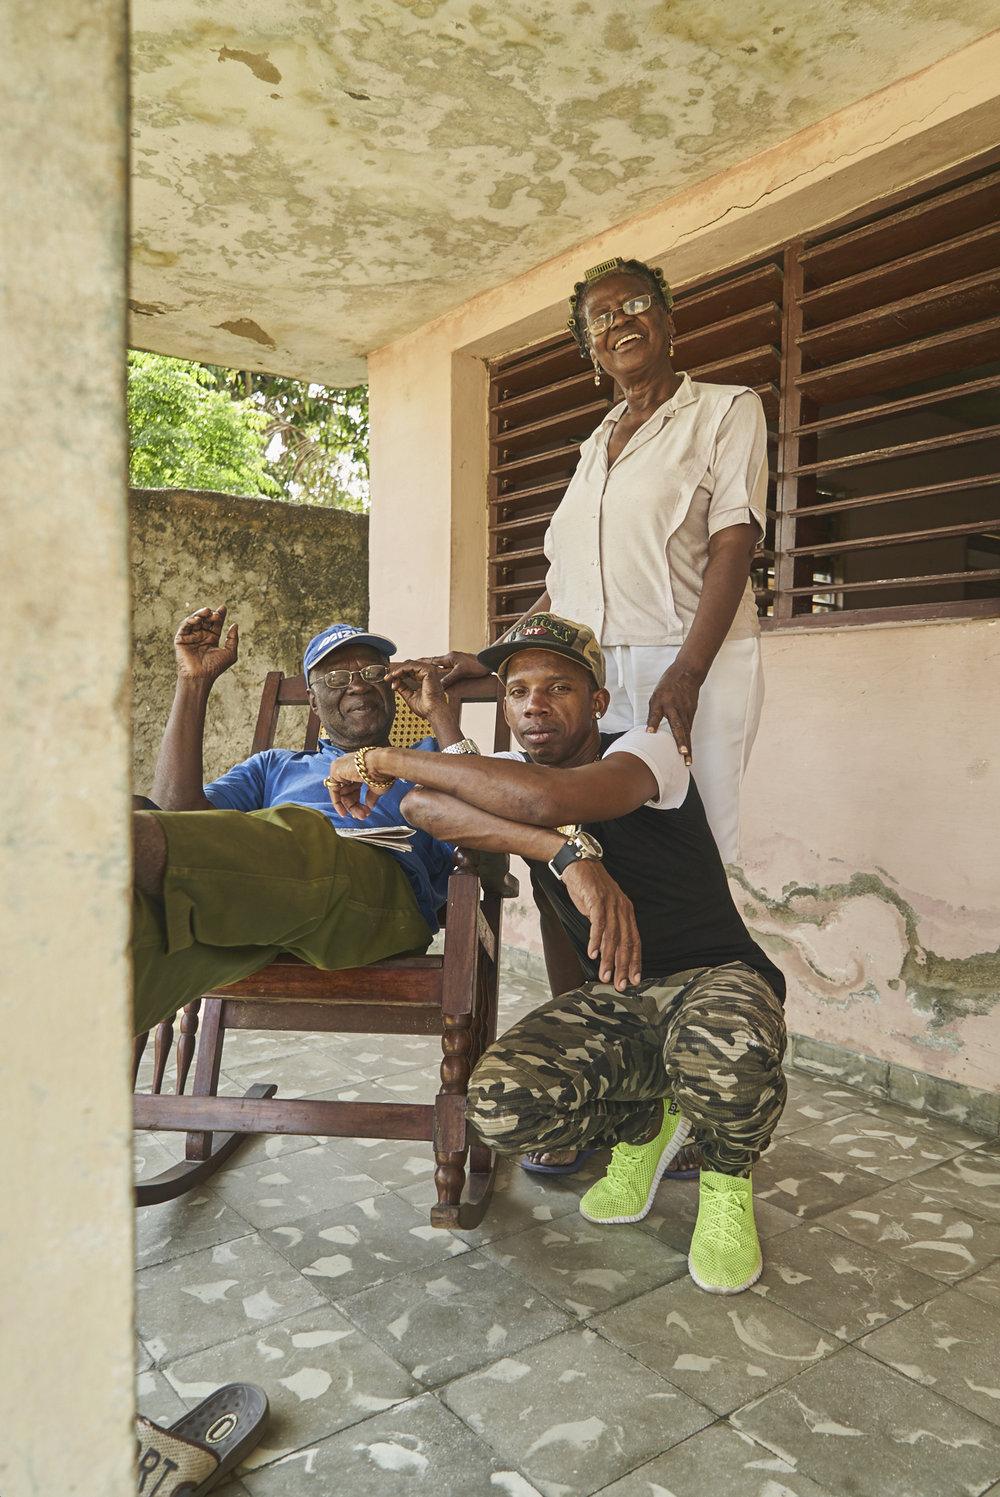 Kuba_201701-2134.jpg